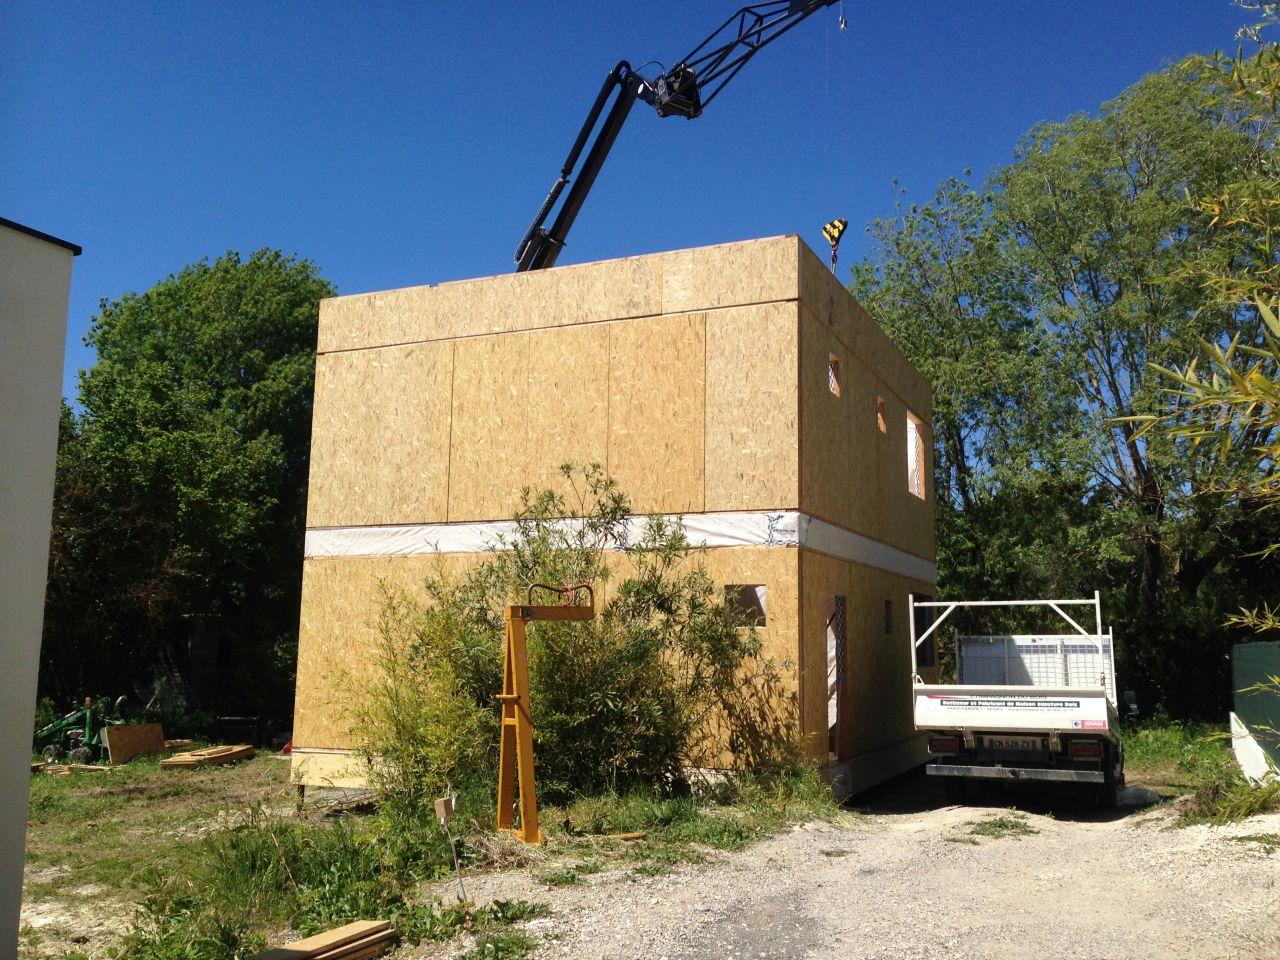 Montage murs du 1er étage. La maison présente sa hauteur finale. De ce côté là, c'est un cube